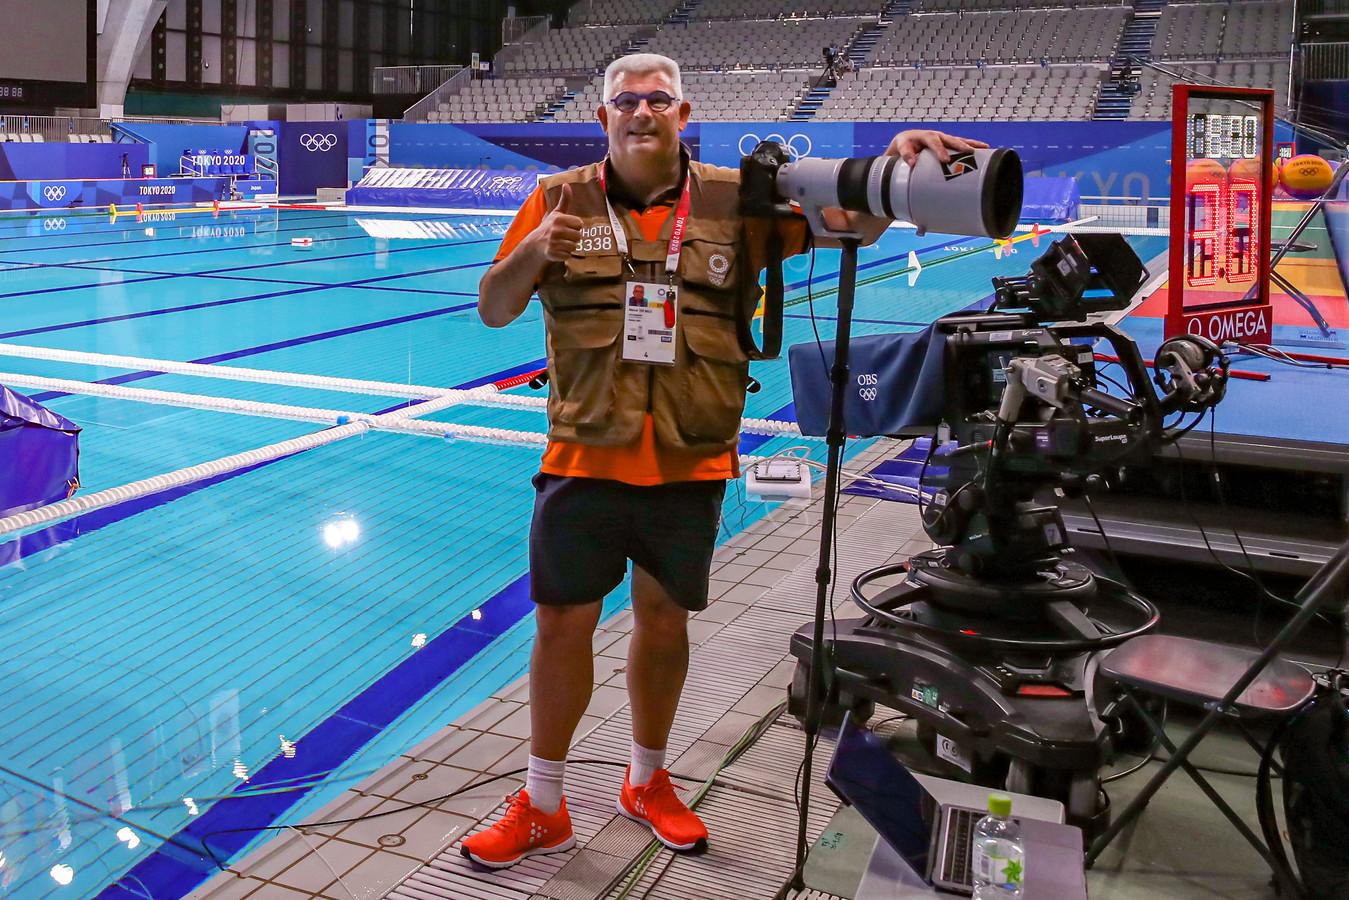 Marcel ter Bals uit Borculo, op de foto gezet door een Japanse vrijwilliger, in het zwembad waar hij deze weken vele uren doorbrengt.